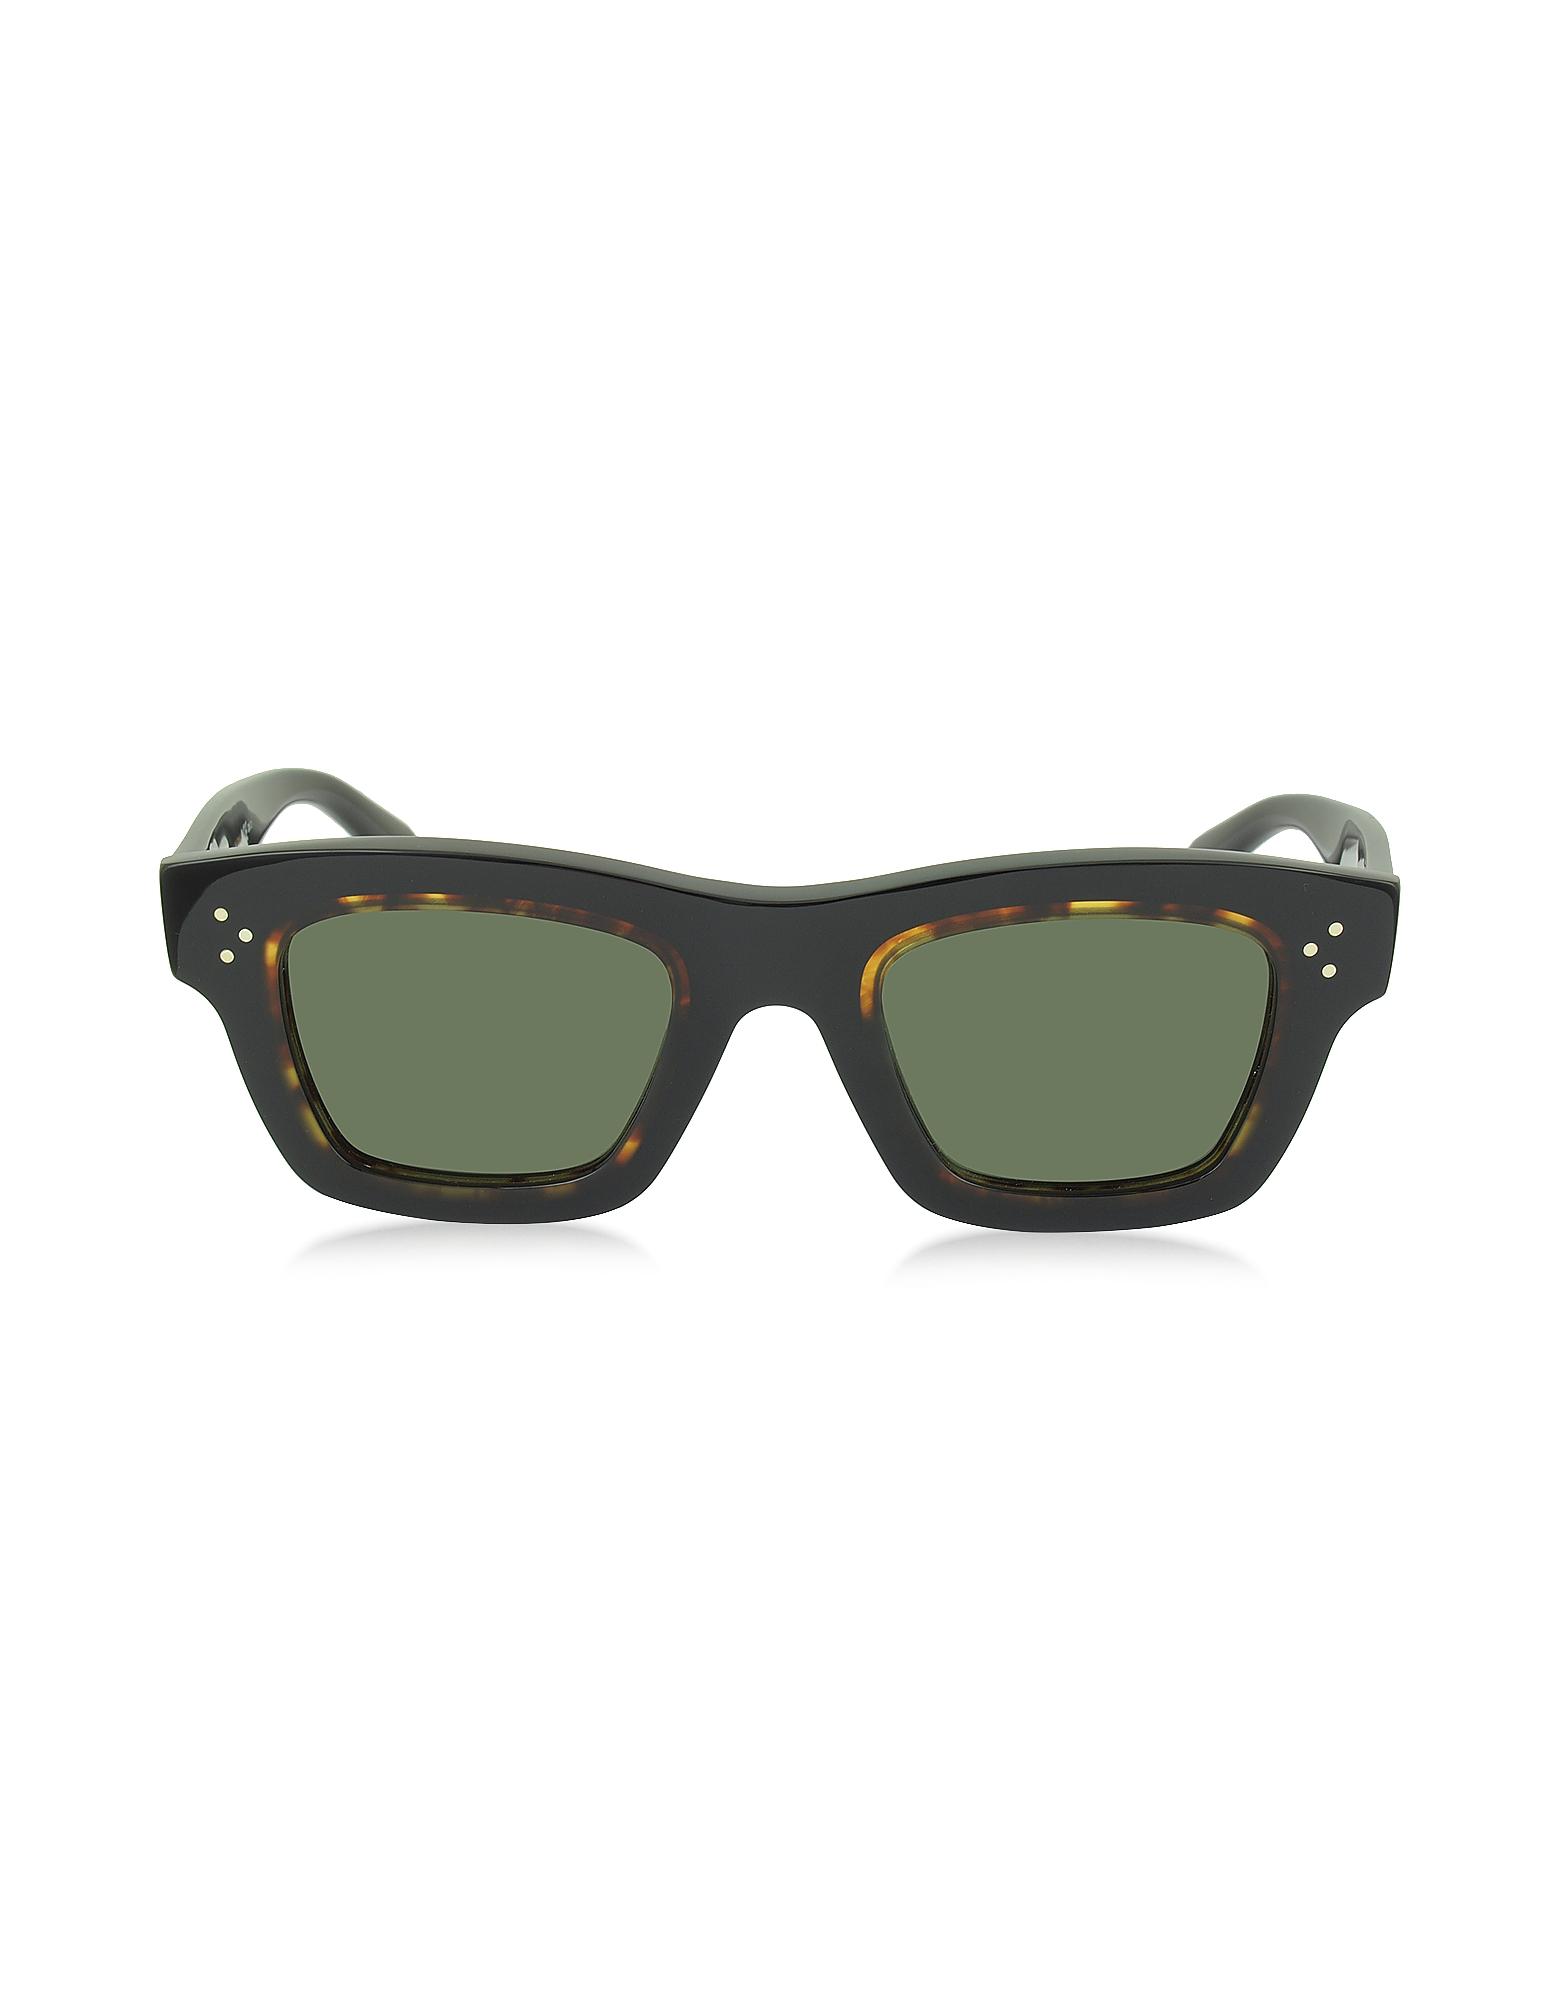 Céline Sunglasses, GABY CL 41396/S T7D70 Havana Acetate Square Frame Unisex Sunglasses